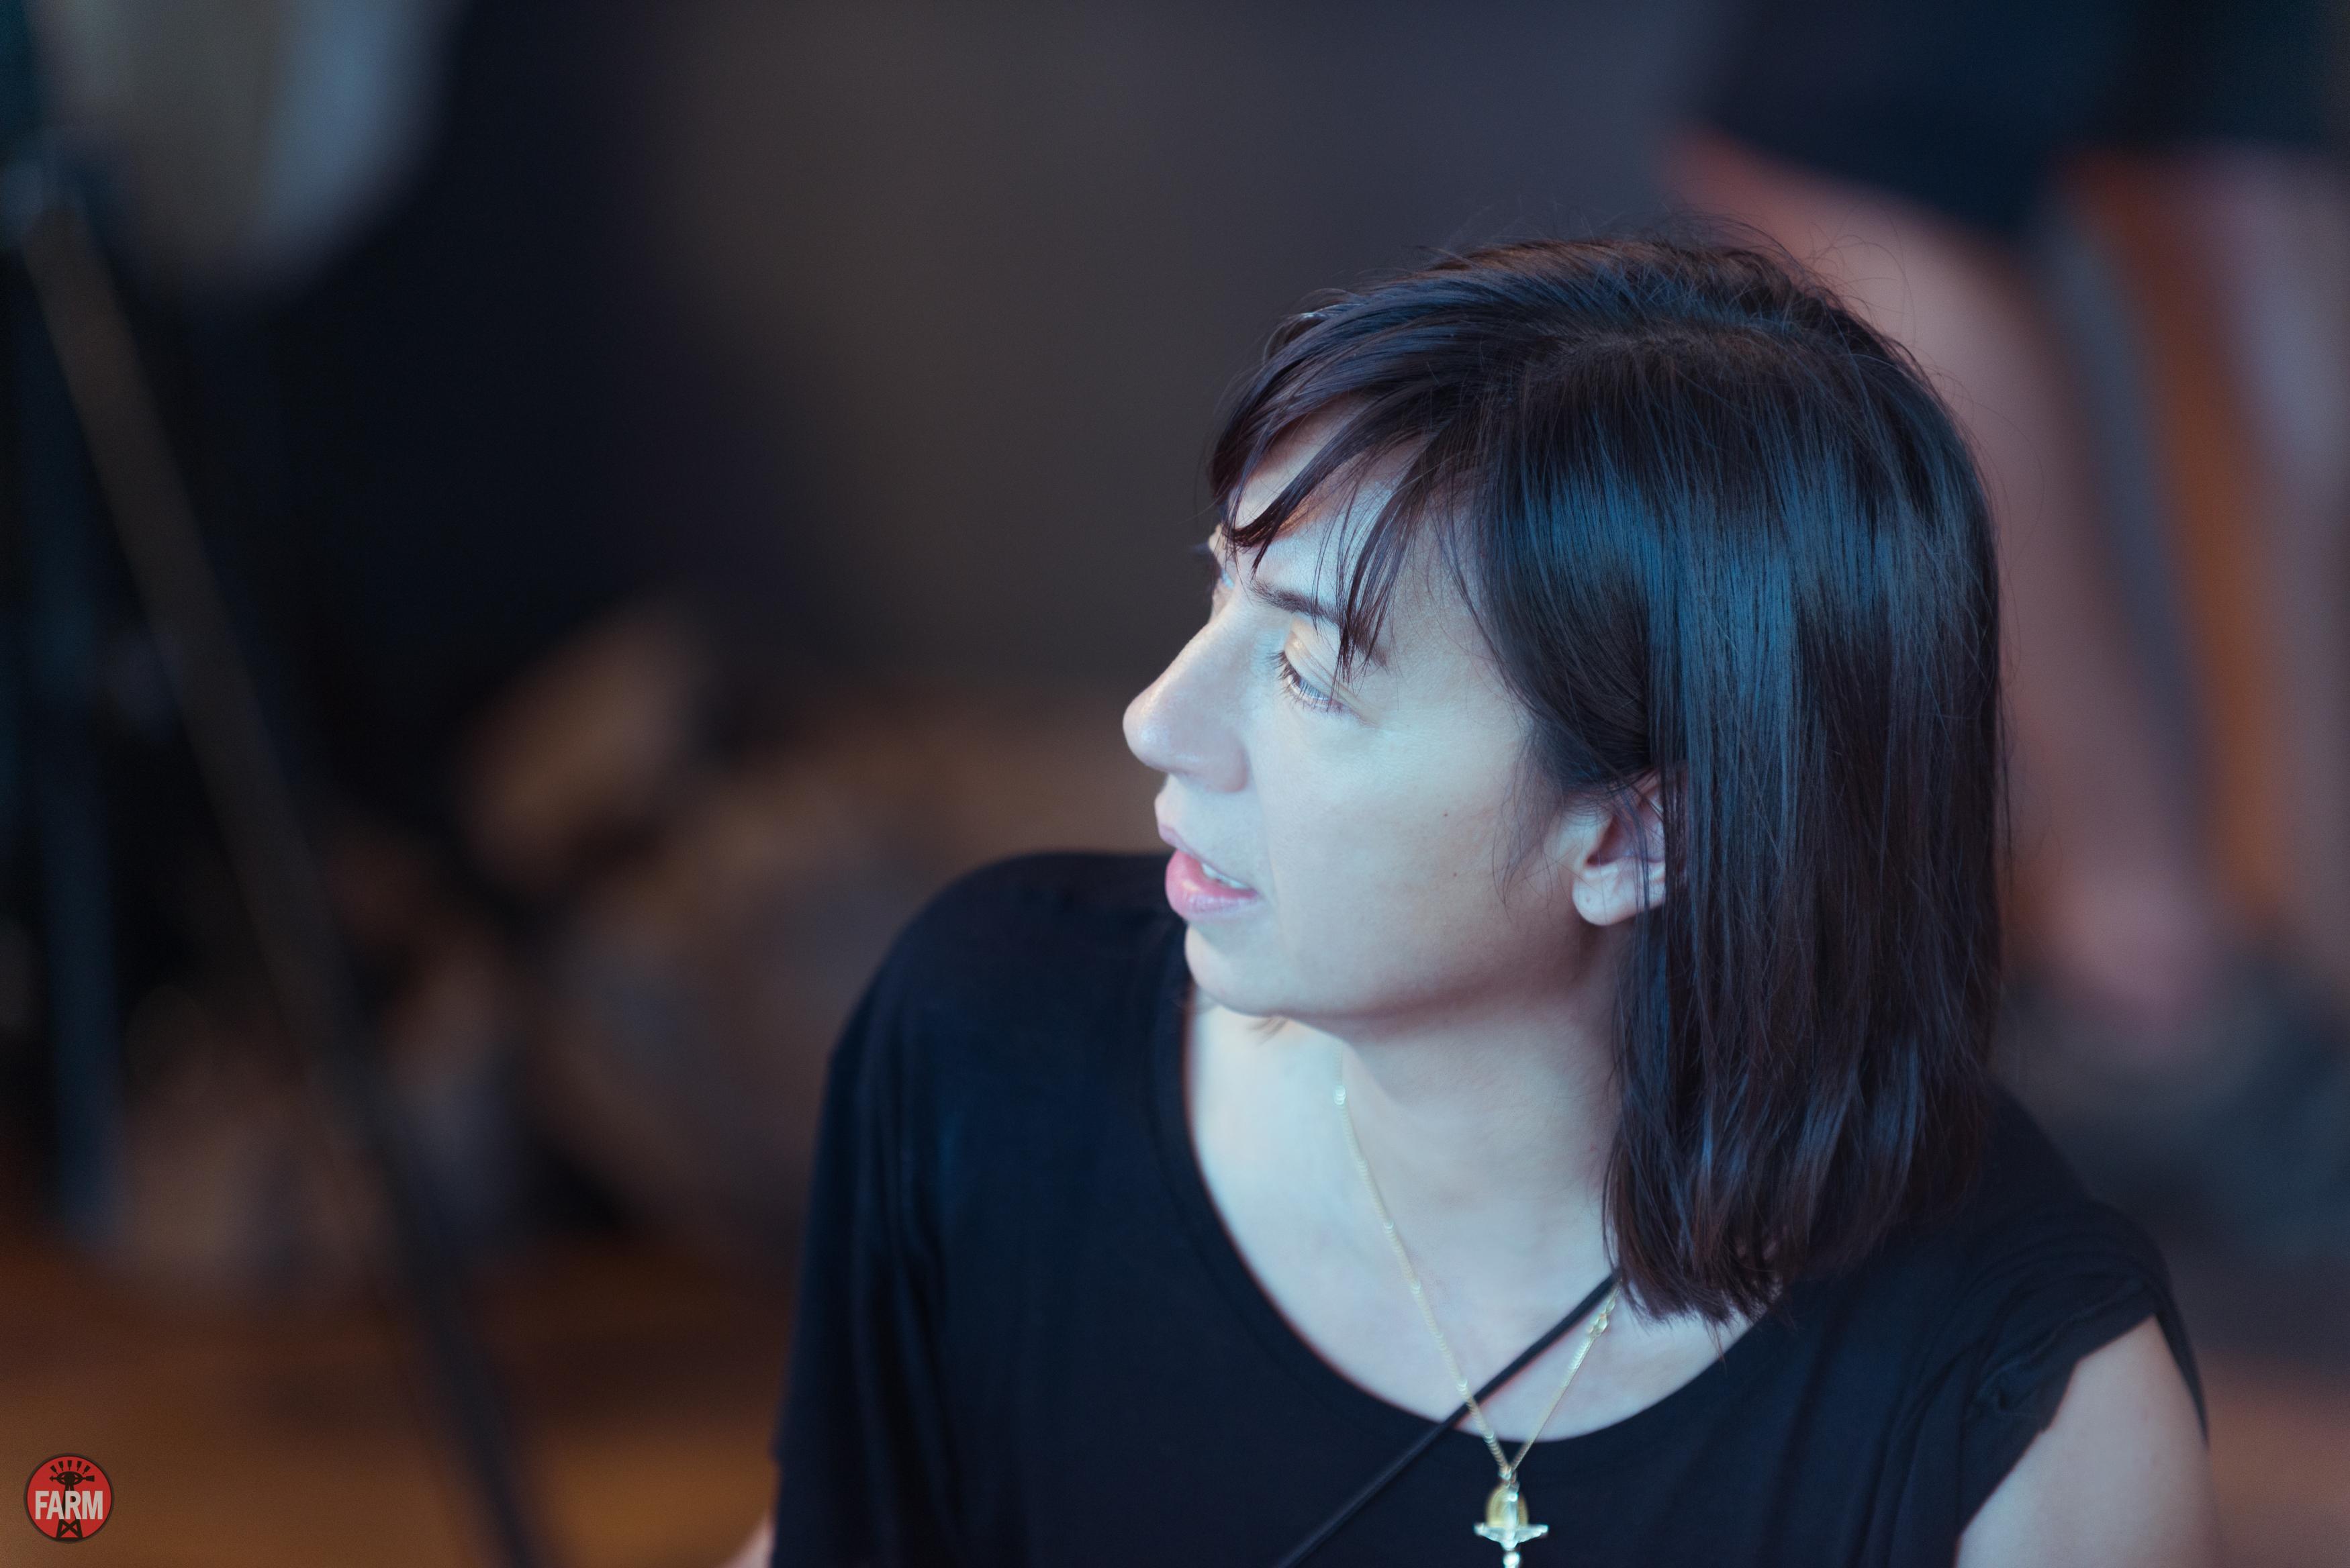 Director: Sara Dunlop